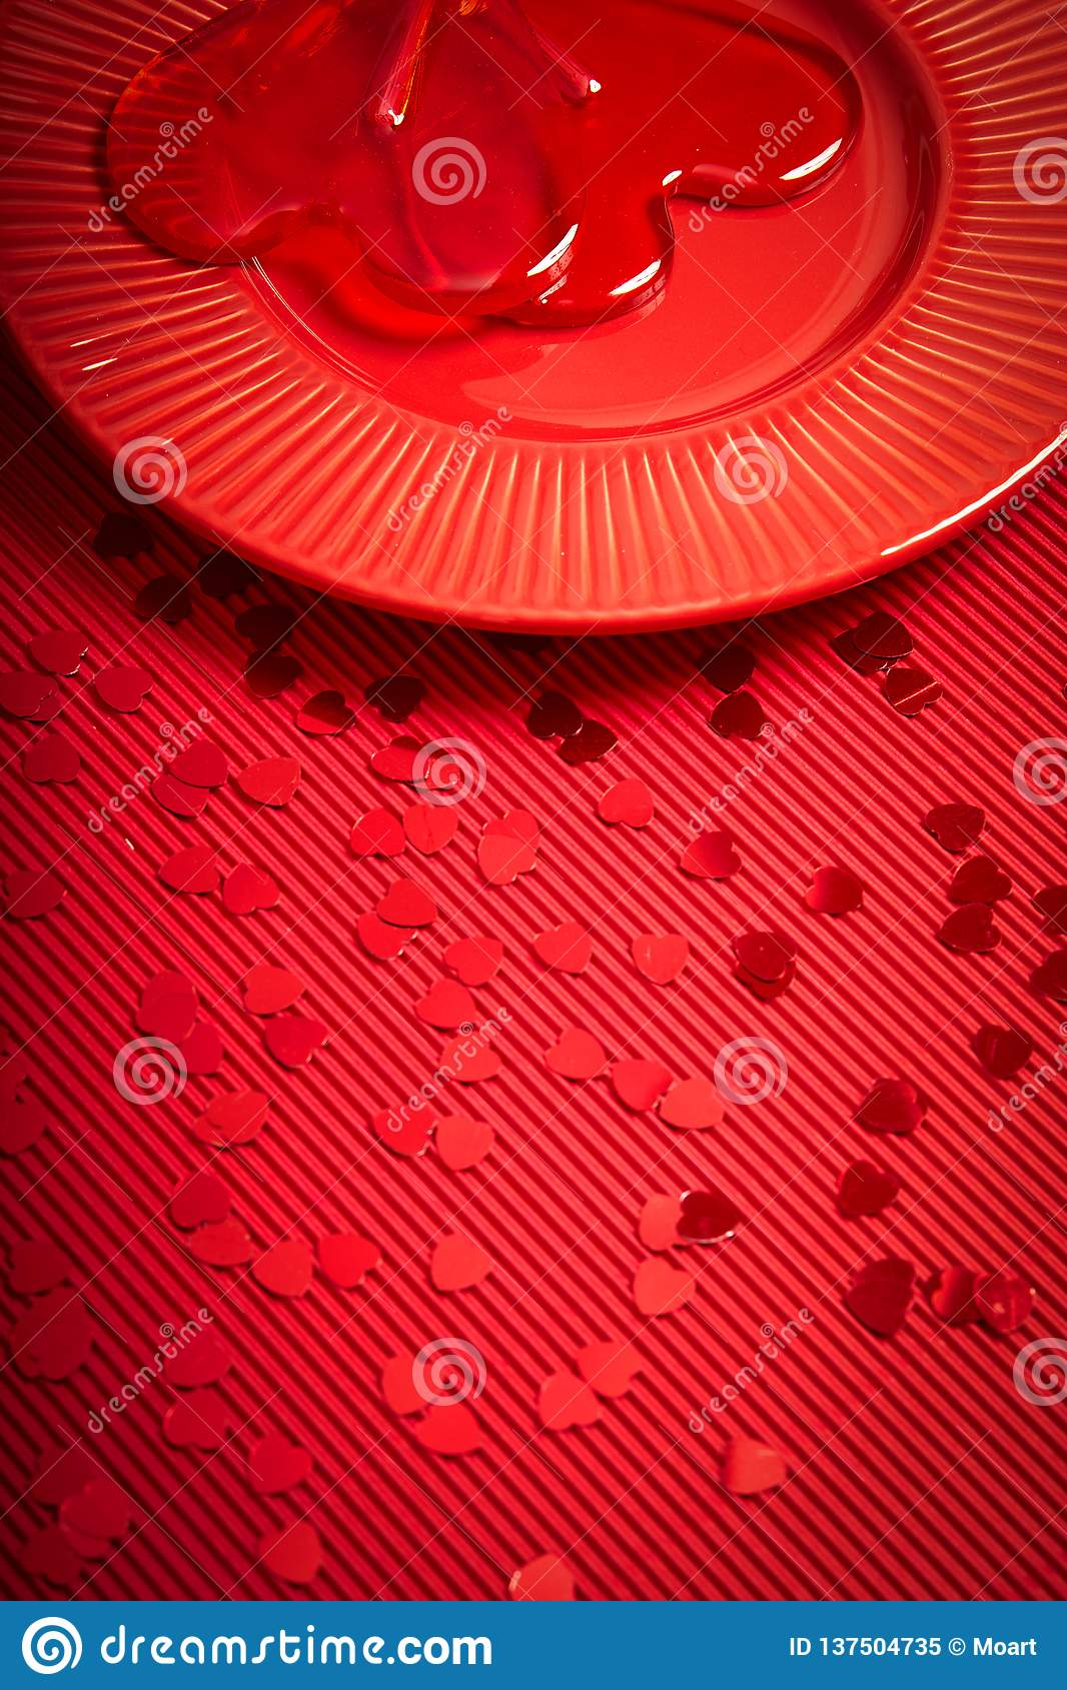 De achtergrond van de valentijnskaartendag met rood geribbeld document met rode plaat en hart-vormige lolly